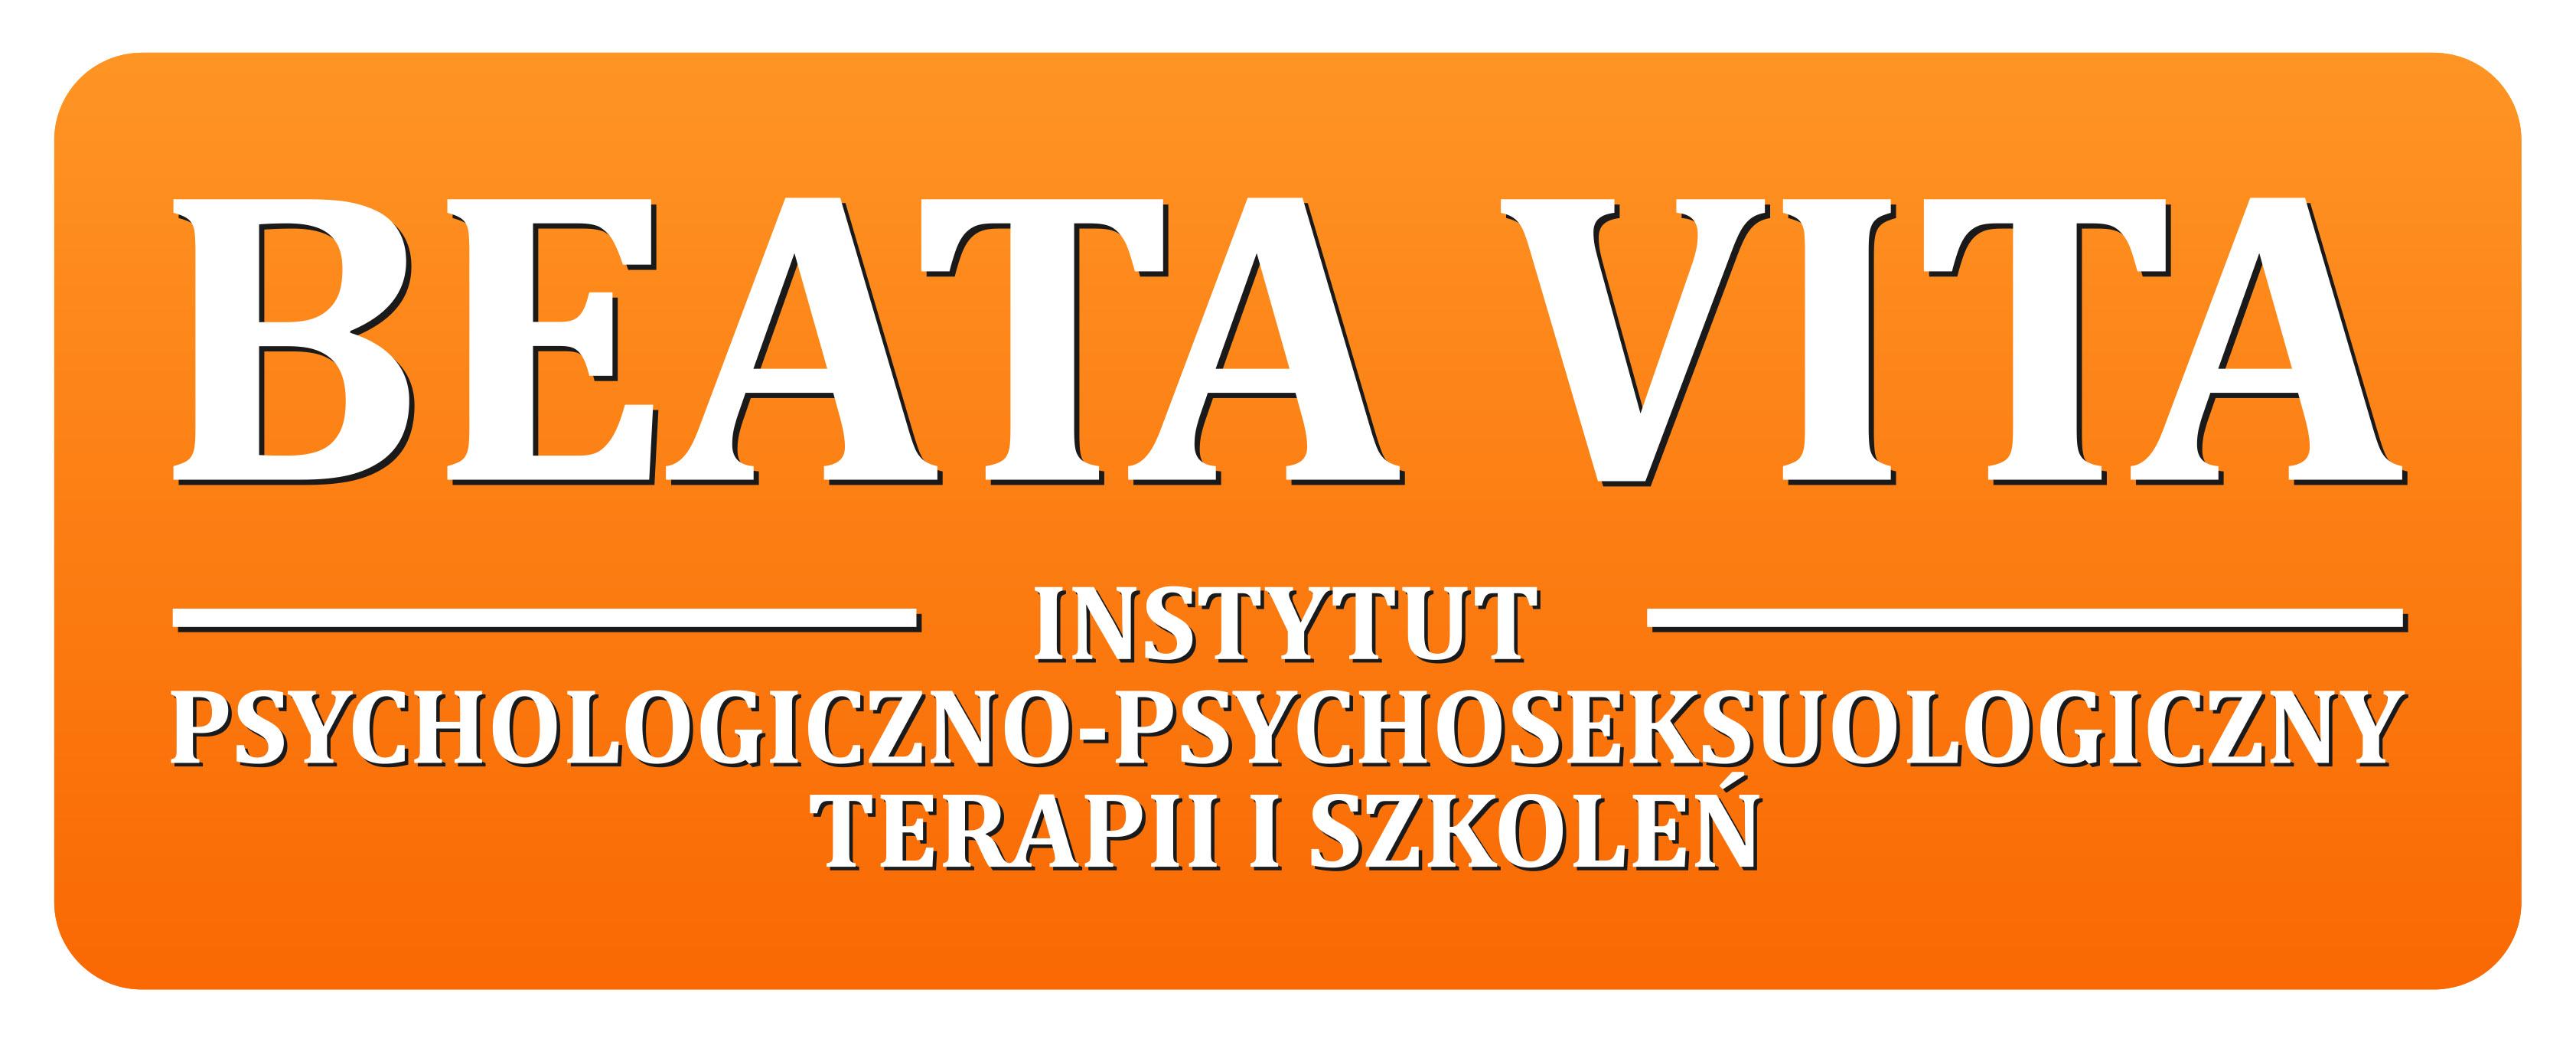 Beata Vita Instytut